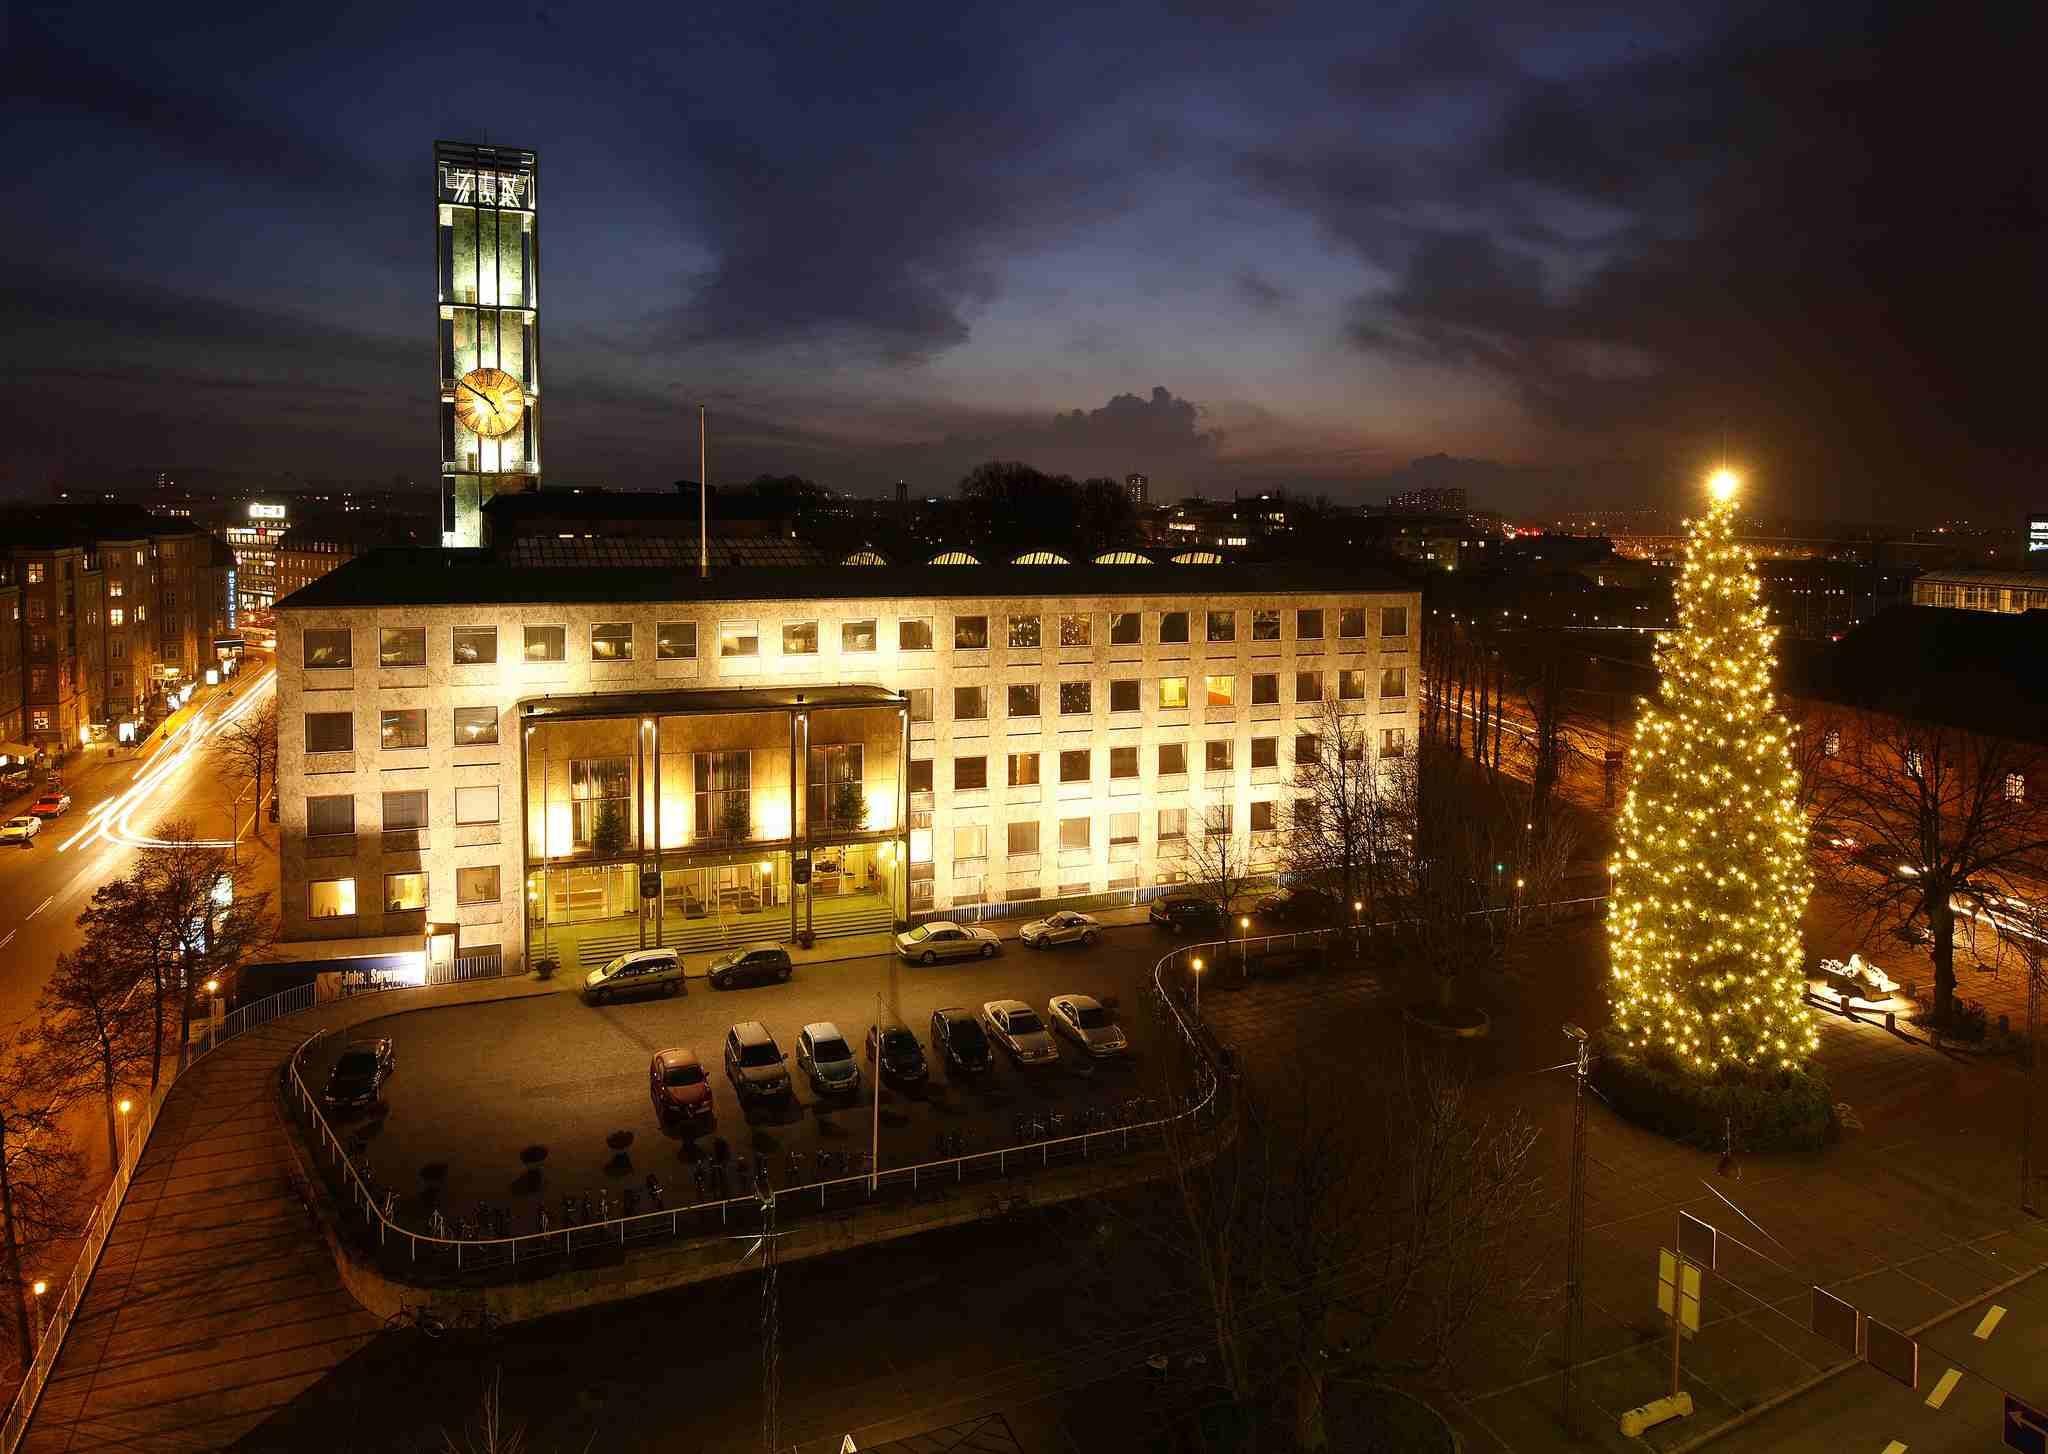 Christmas in Aarhus